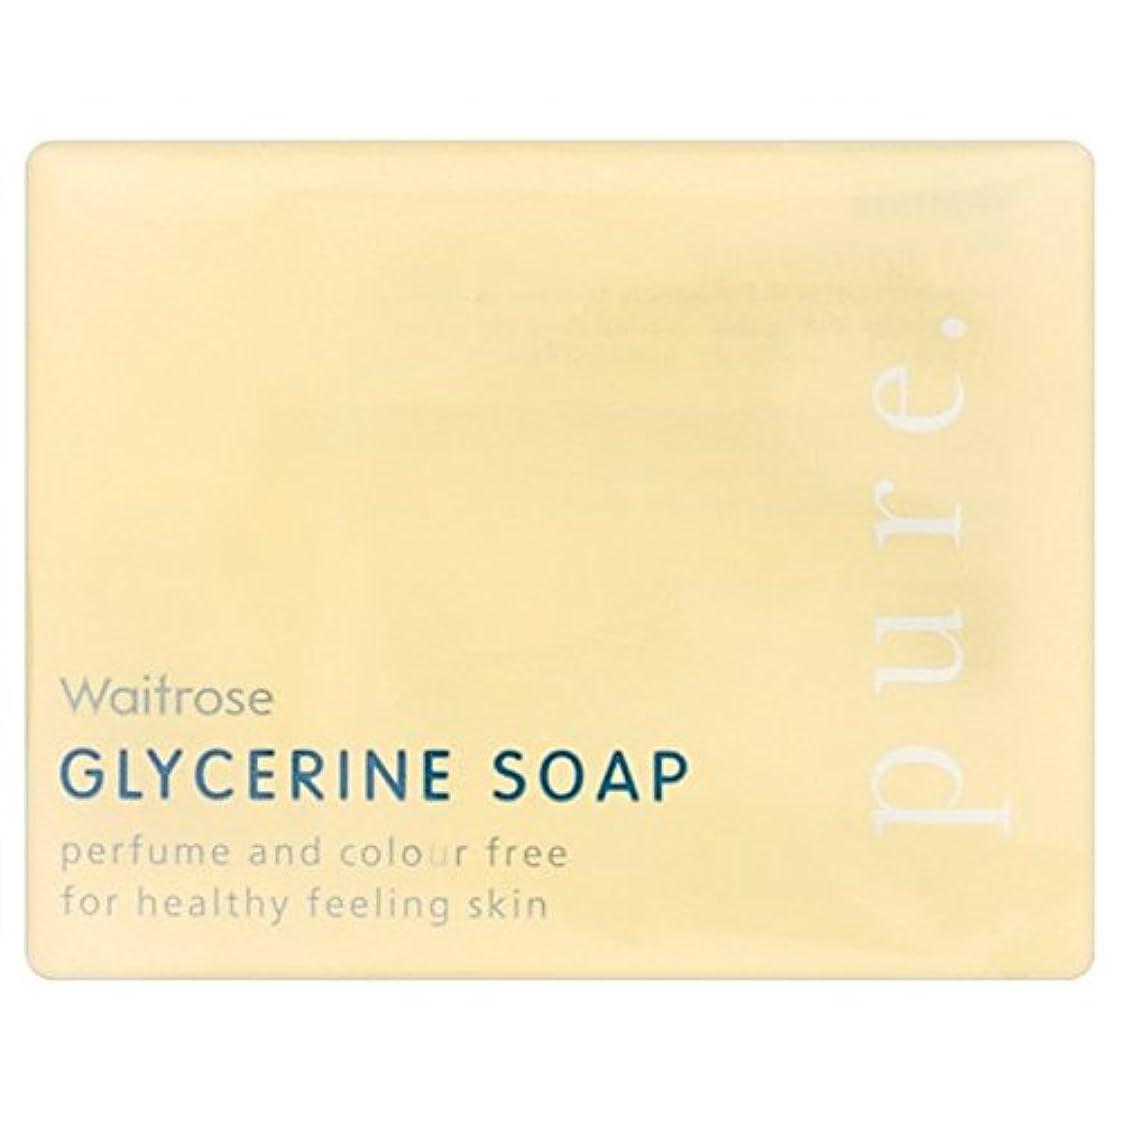 びんスパイ成分Pure Glycerine Soap Waitrose 100g - 純粋なグリセリンソープウェイトローズの100グラム [並行輸入品]